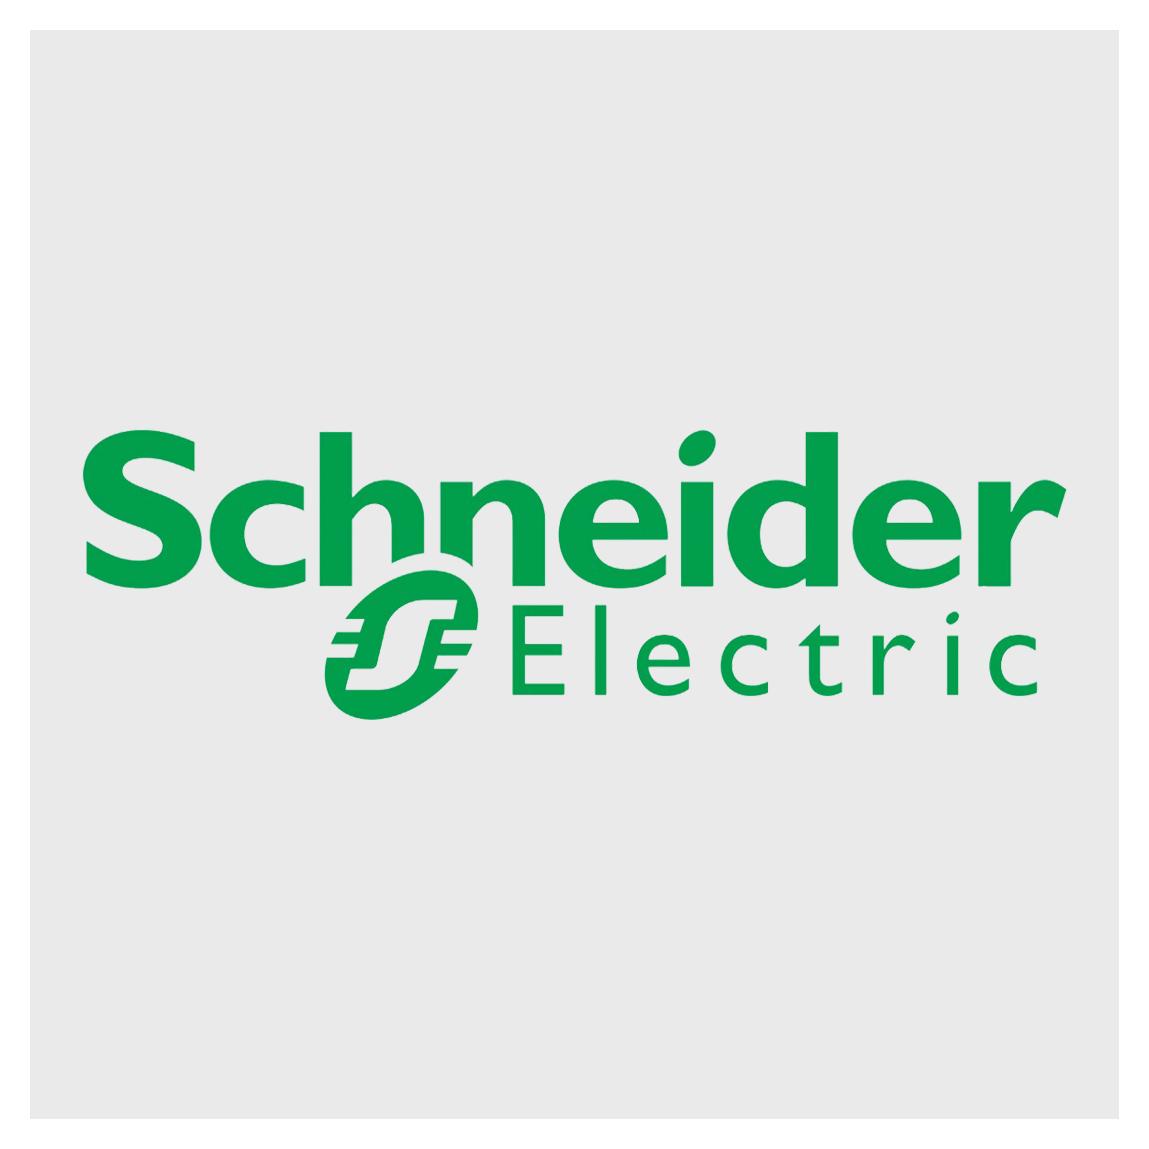 http://walterscontrols.net/wp-content/uploads/2019/12/schneider.png